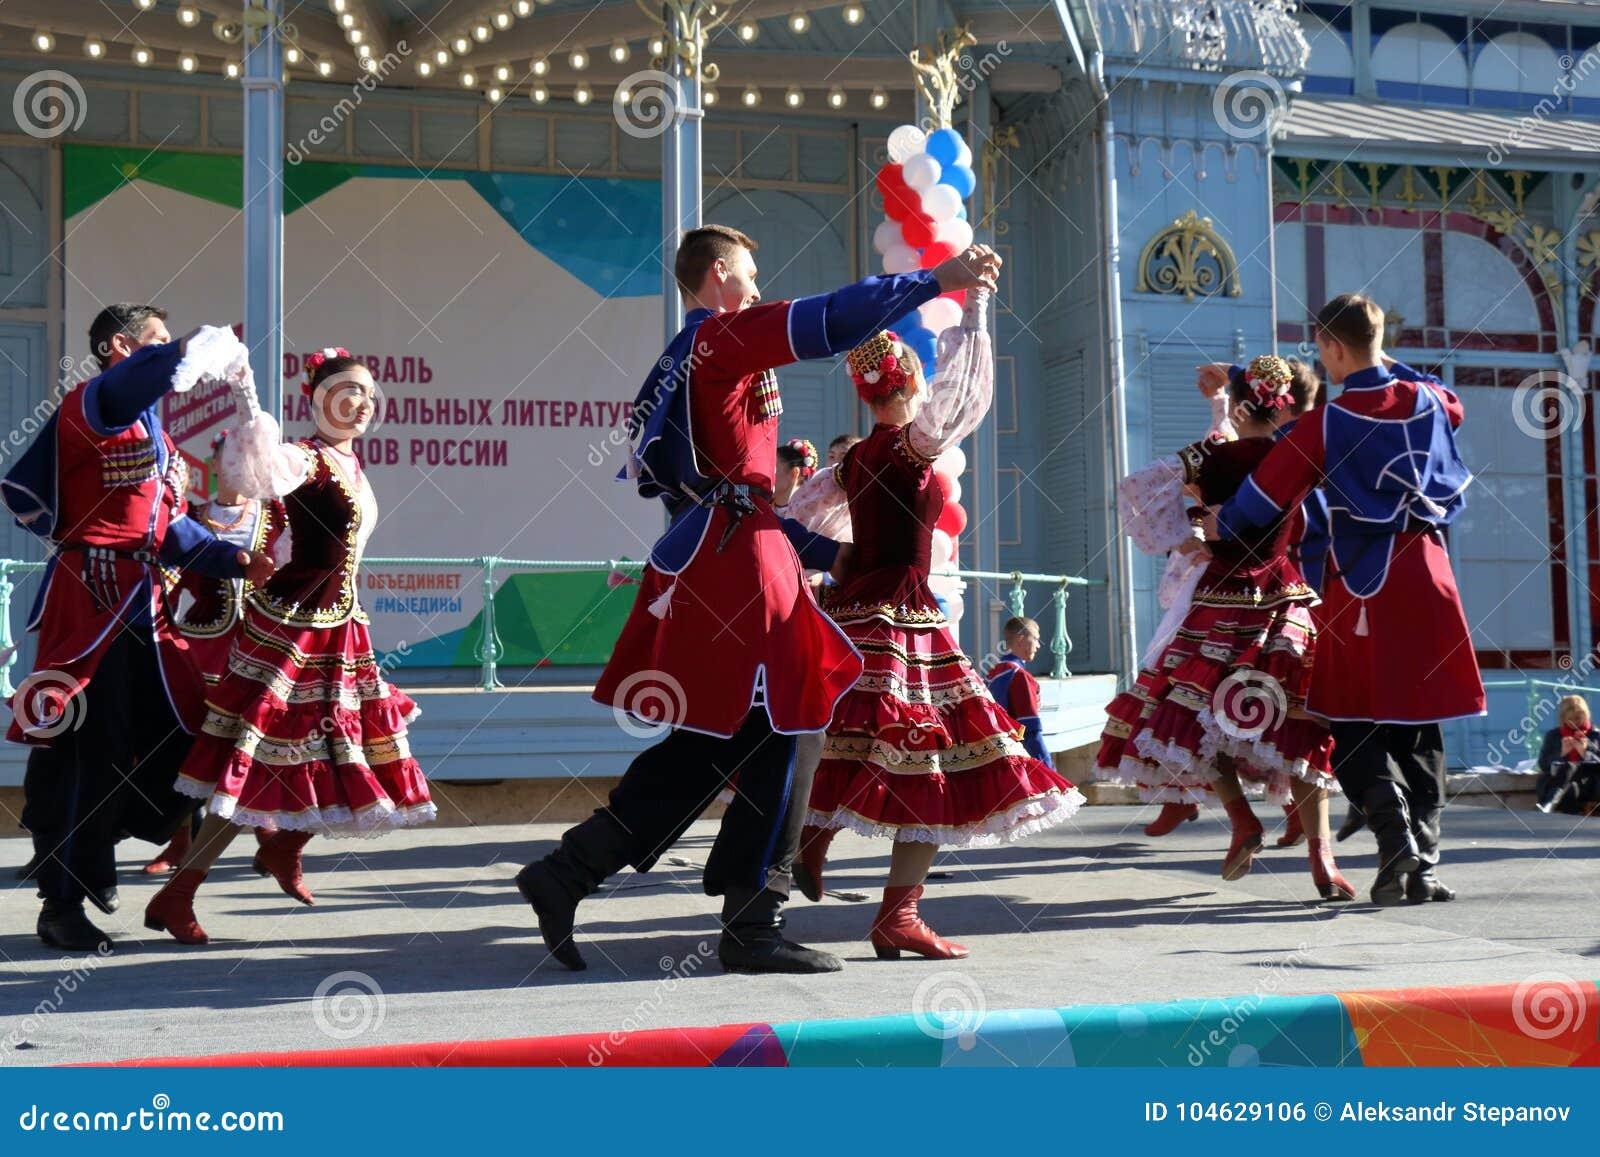 Download De Kozakdans In Traditionele Kleren Pyatigorsk, Rusland Redactionele Foto - Afbeelding bestaande uit cultuur, rusland: 104629106